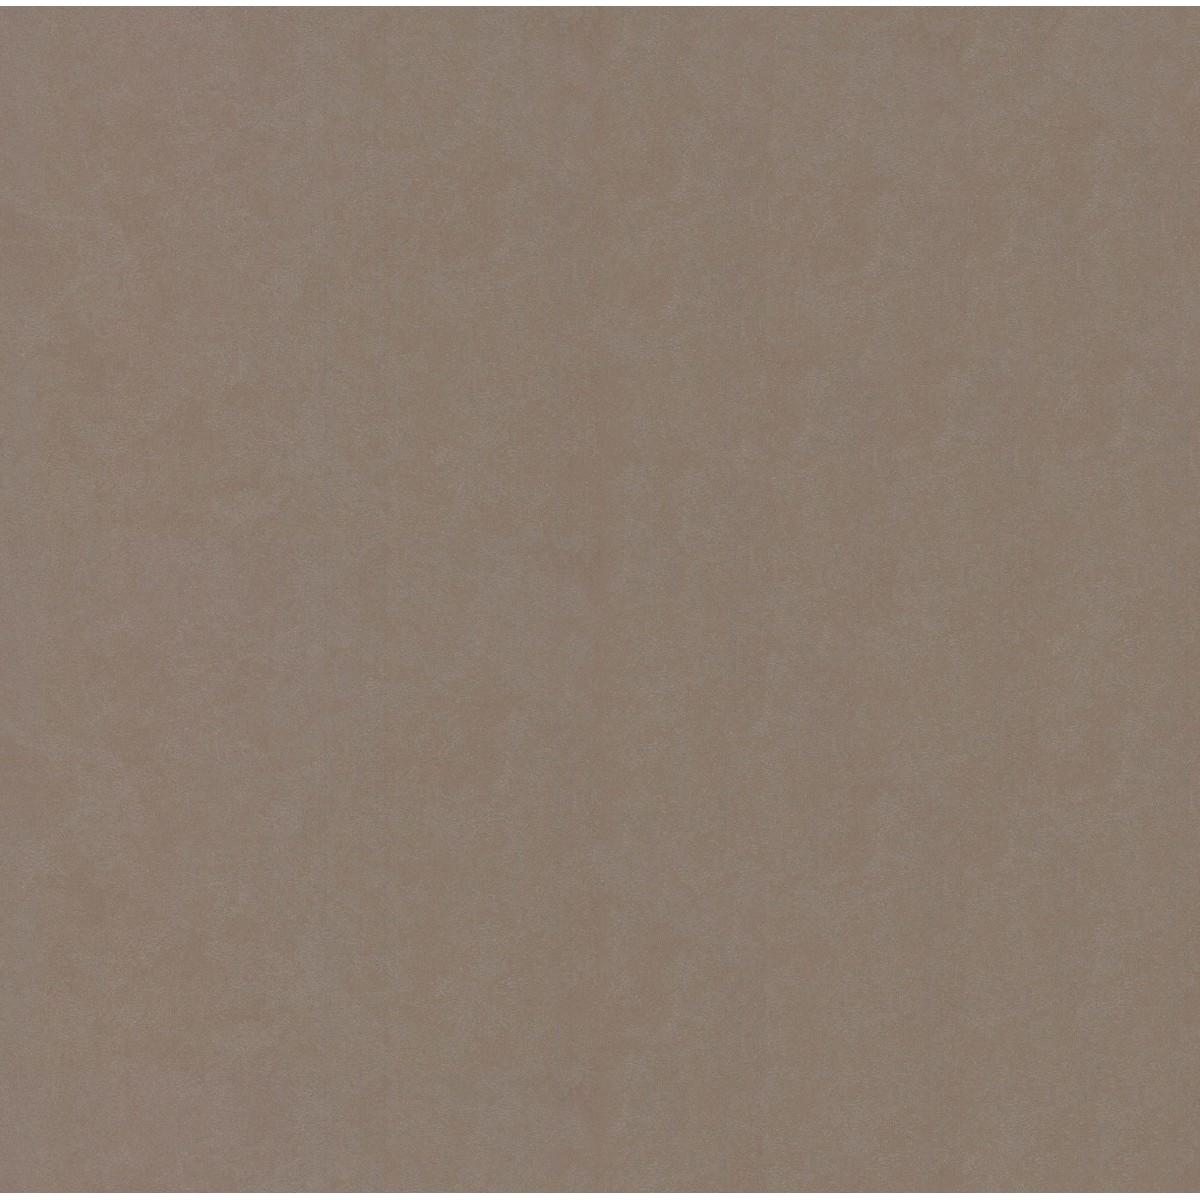 Обои флизелиновые Мир Авангард коричневые 1.06 м 45-232-11